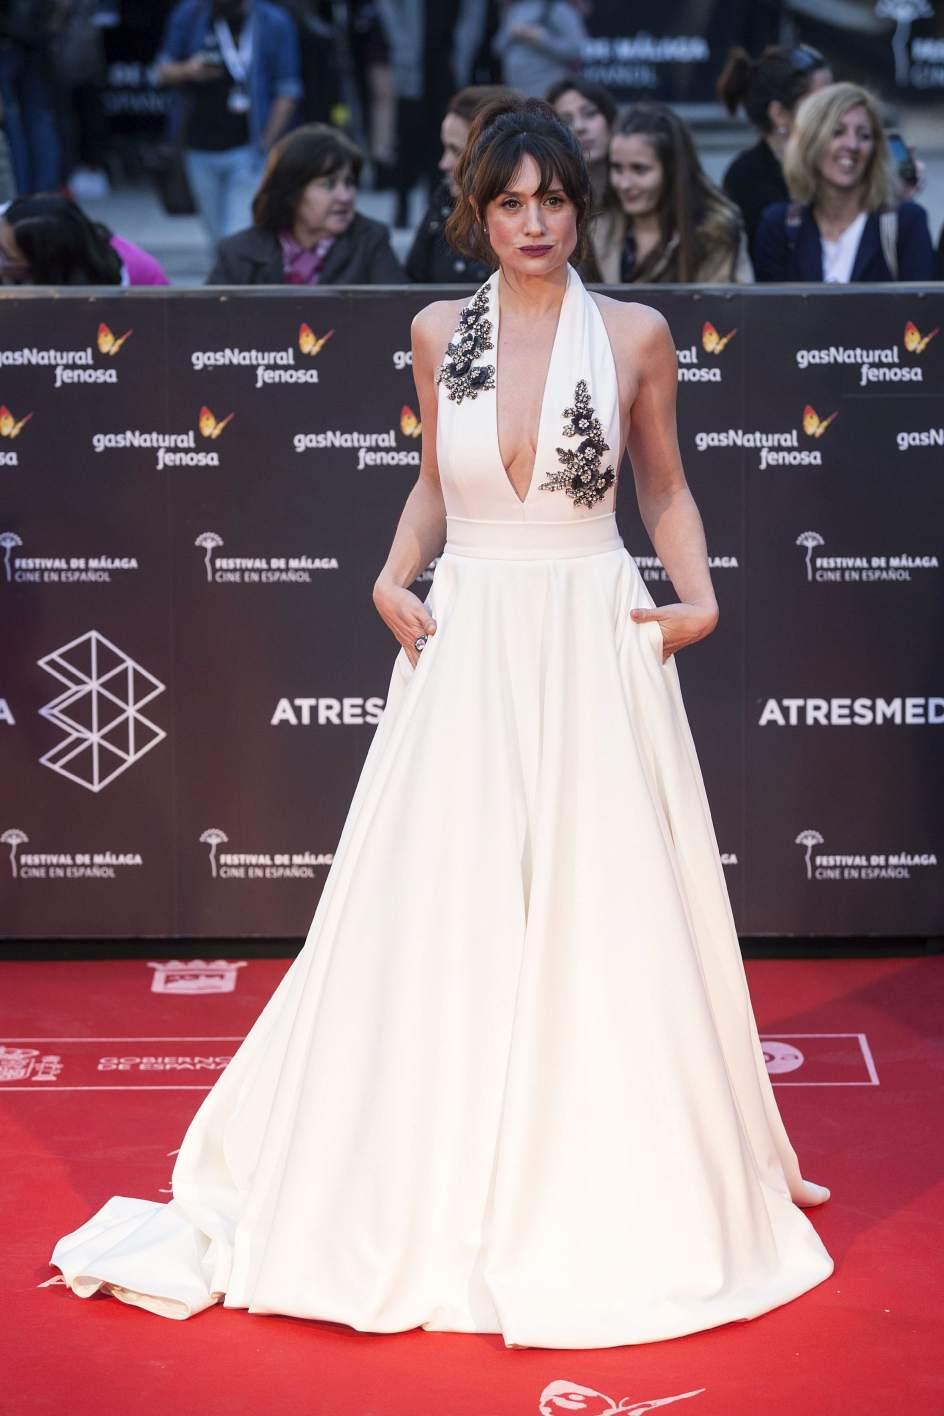 María Botto. La actriz María Botto posa a su llegada a la gala inaugural de la vigésima edición del Festival de Málaga.